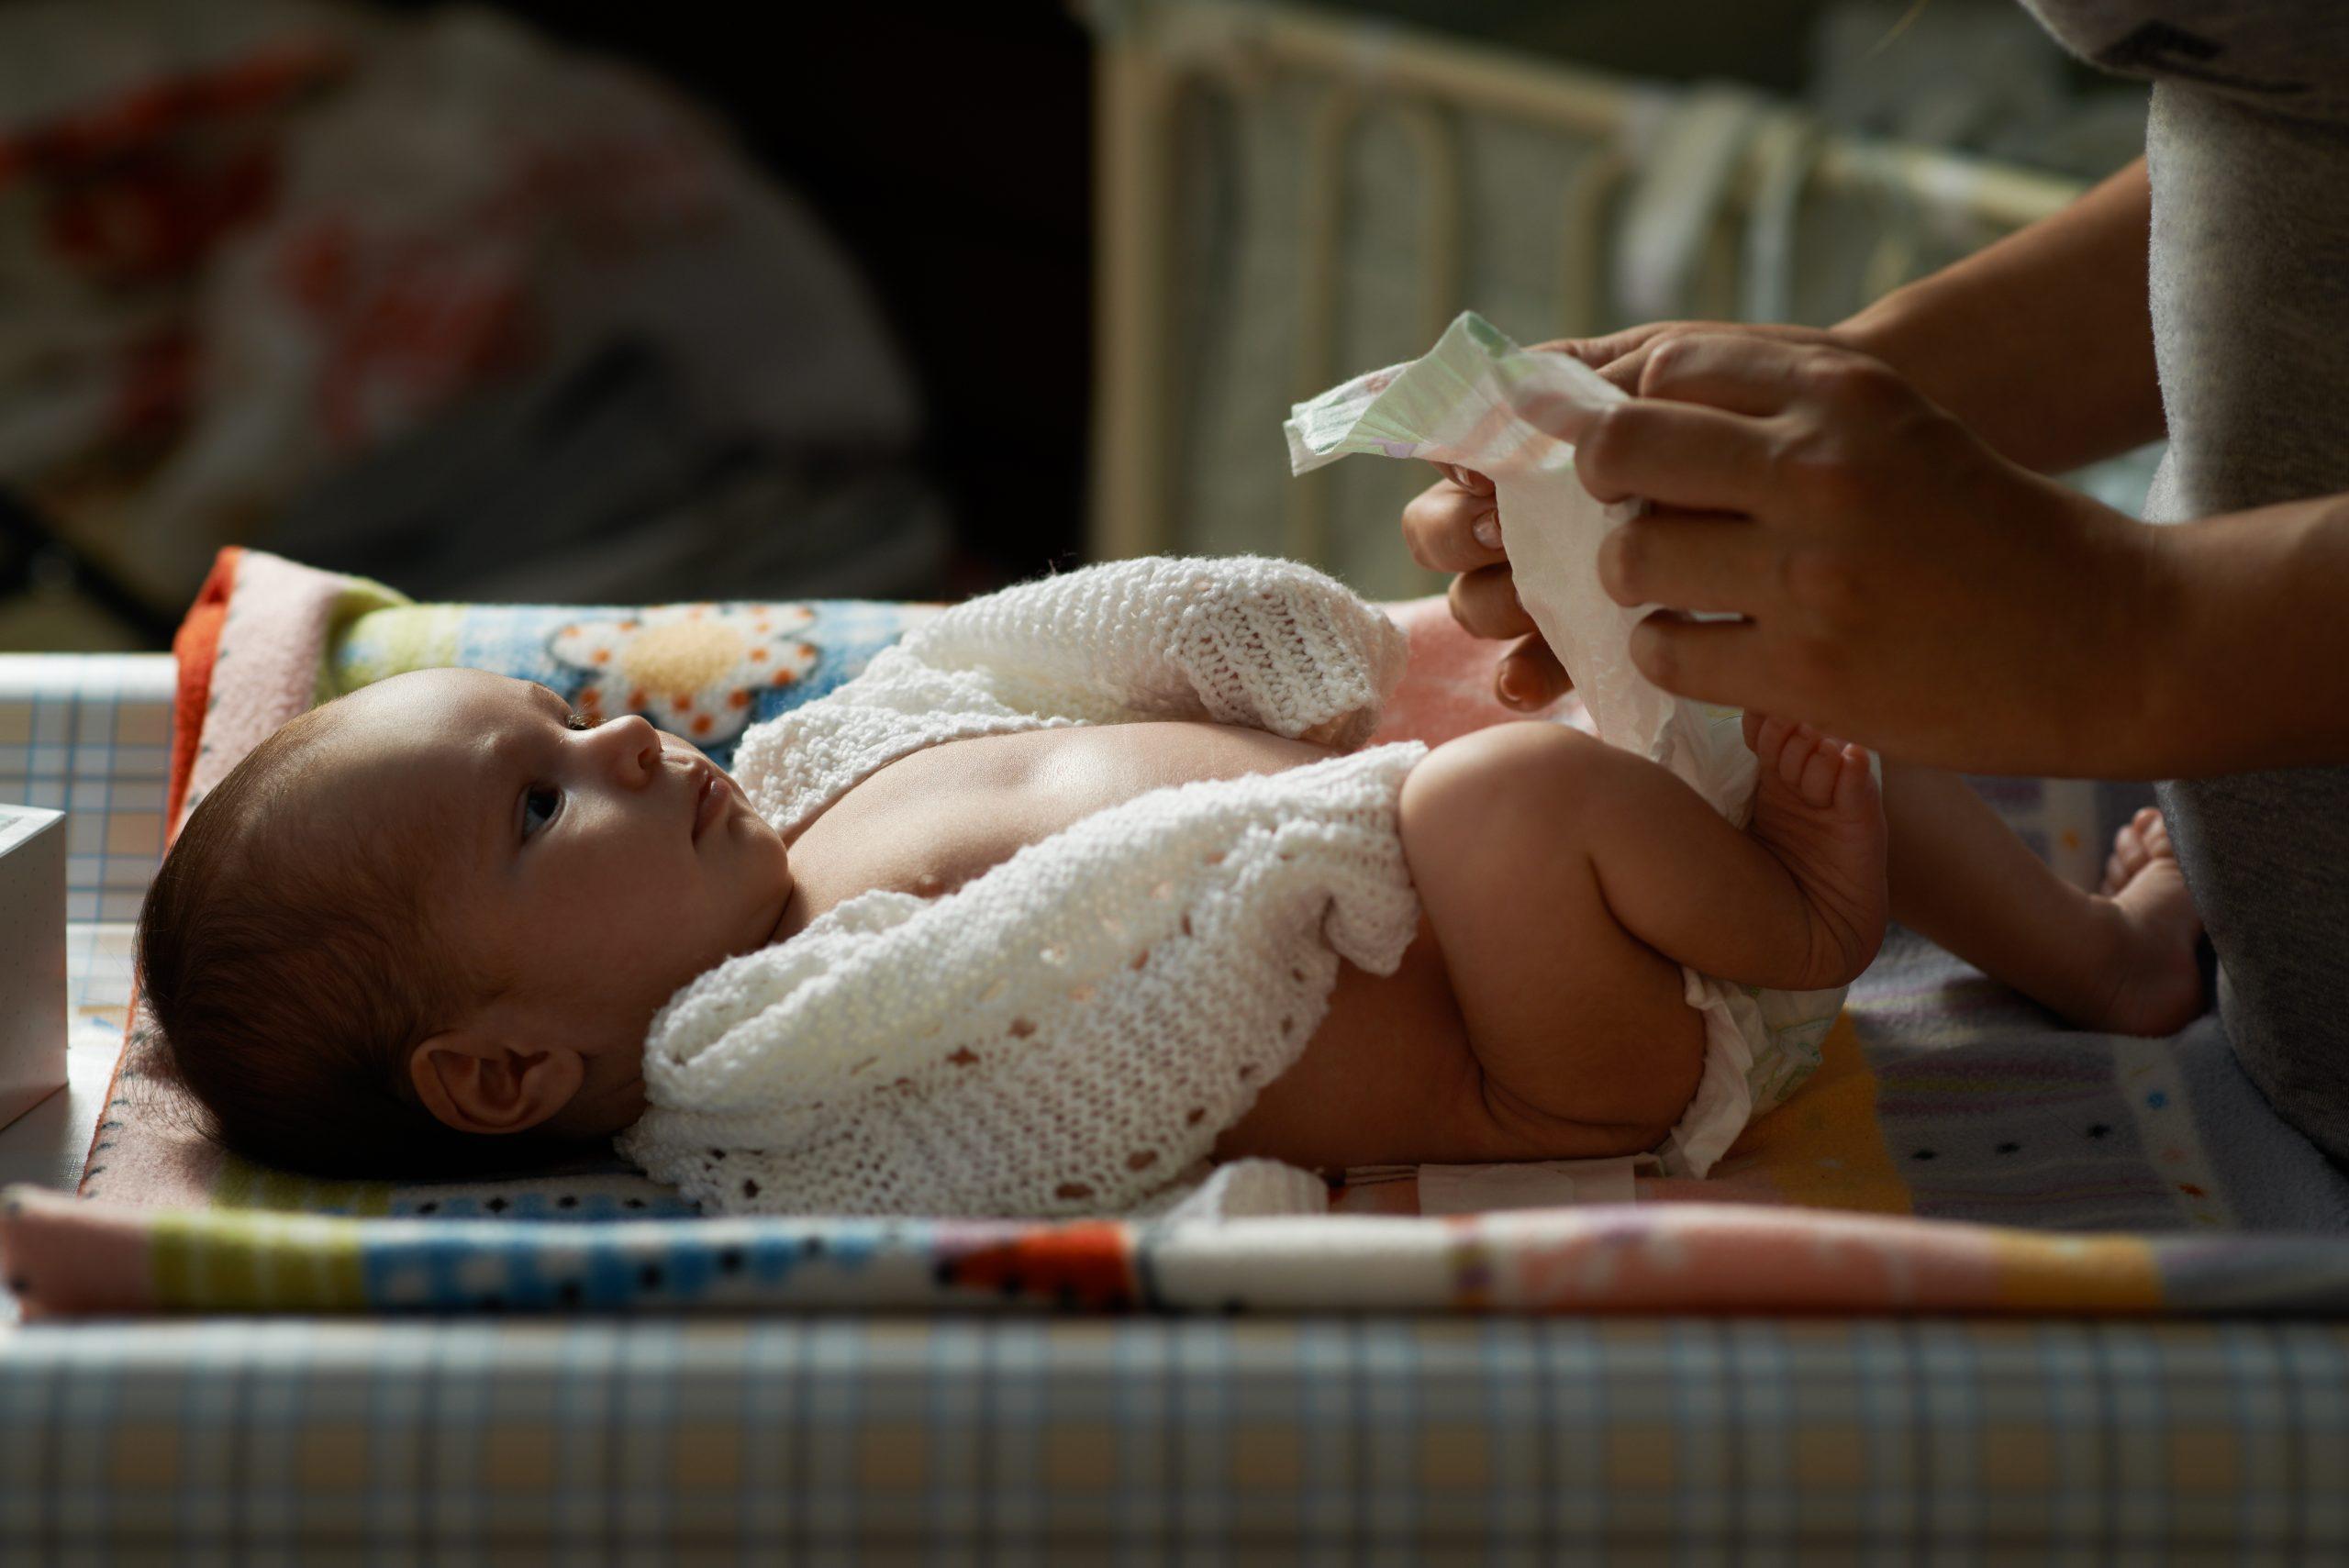 Как приучить ребенка спать без памперса ночью?